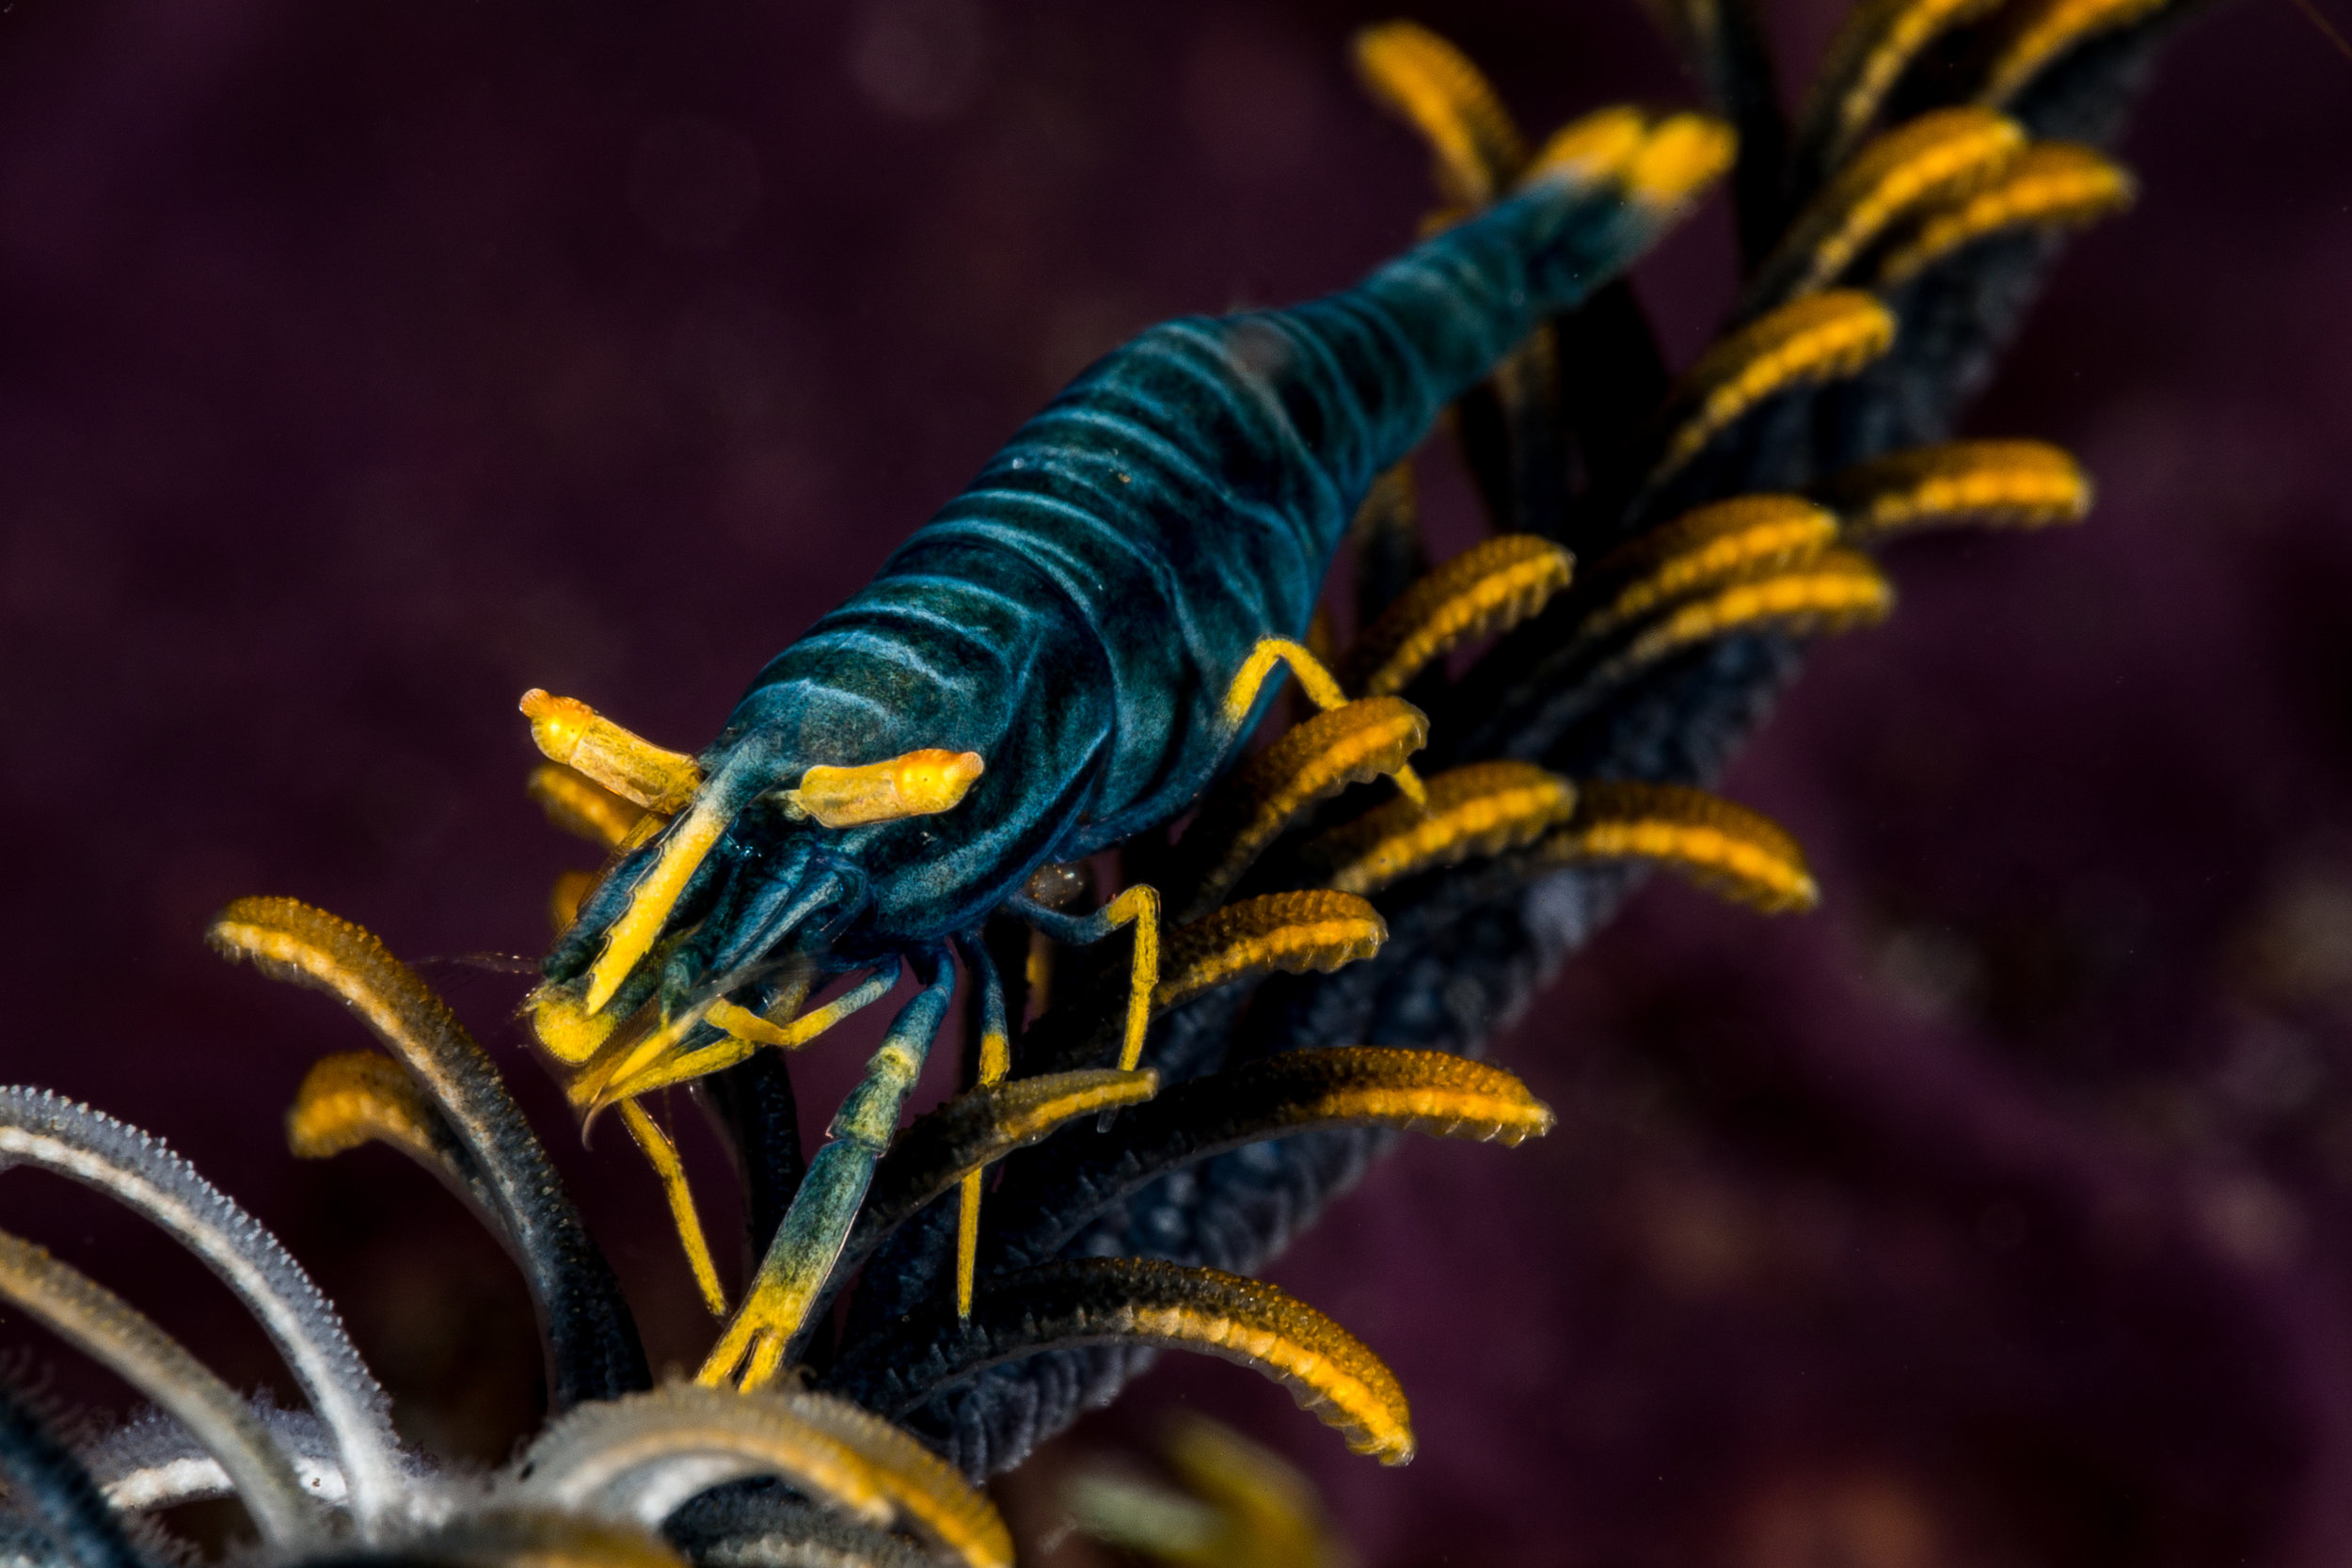 Ambon crinoid shrimp  CREDIT: WOJTEK MECZYNSKI / coral reef image bank